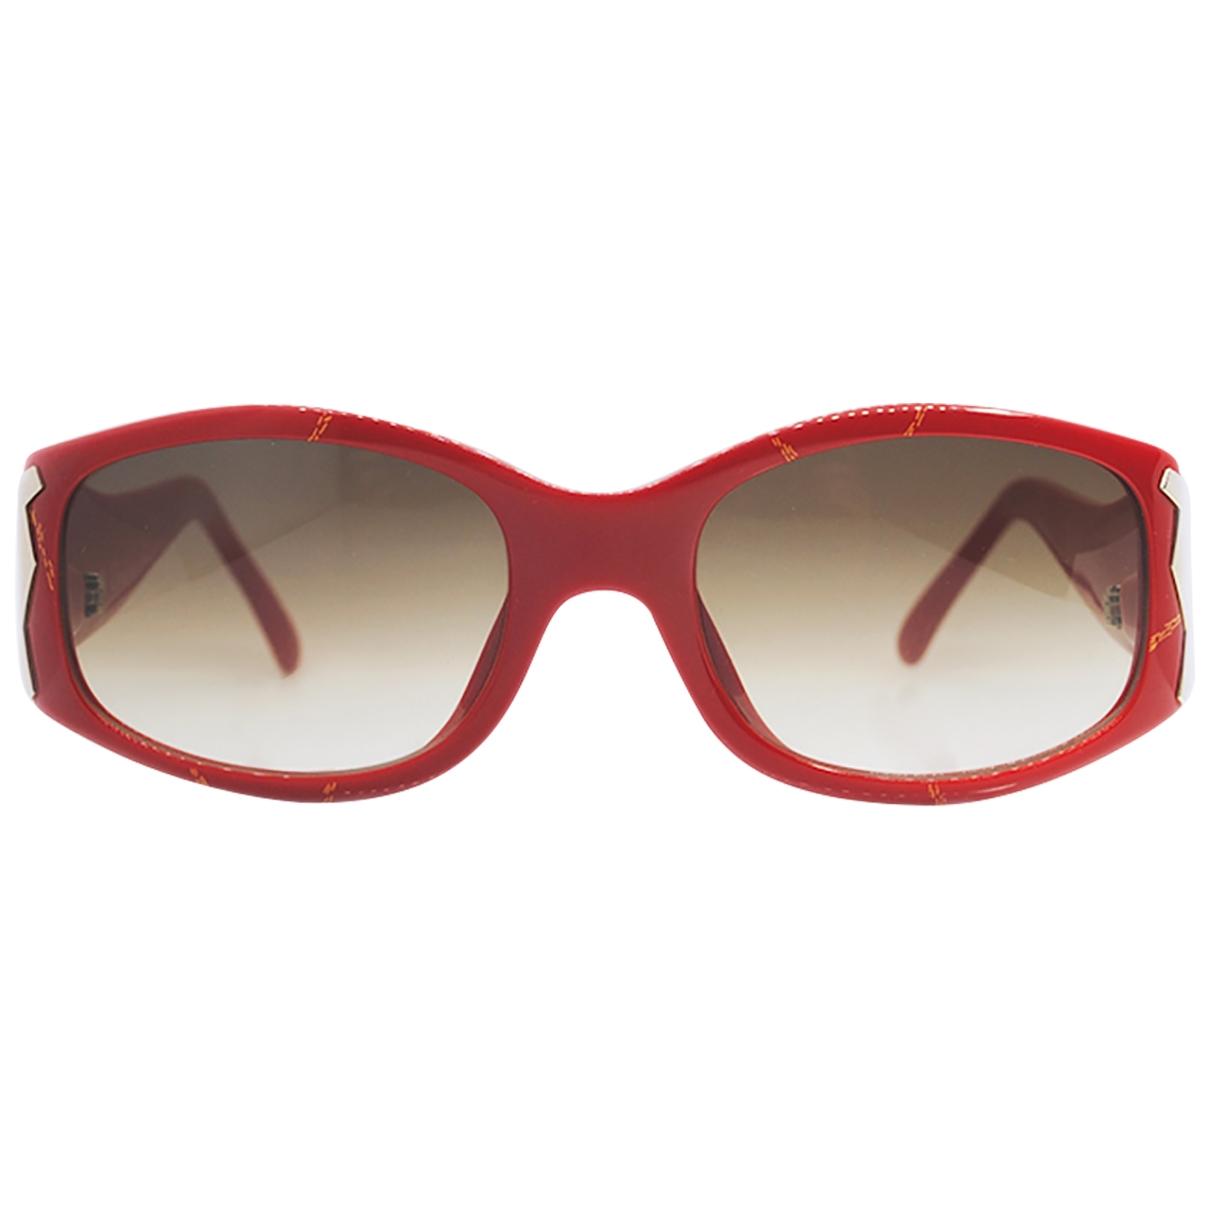 Dior - Lunettes   pour femme - rouge